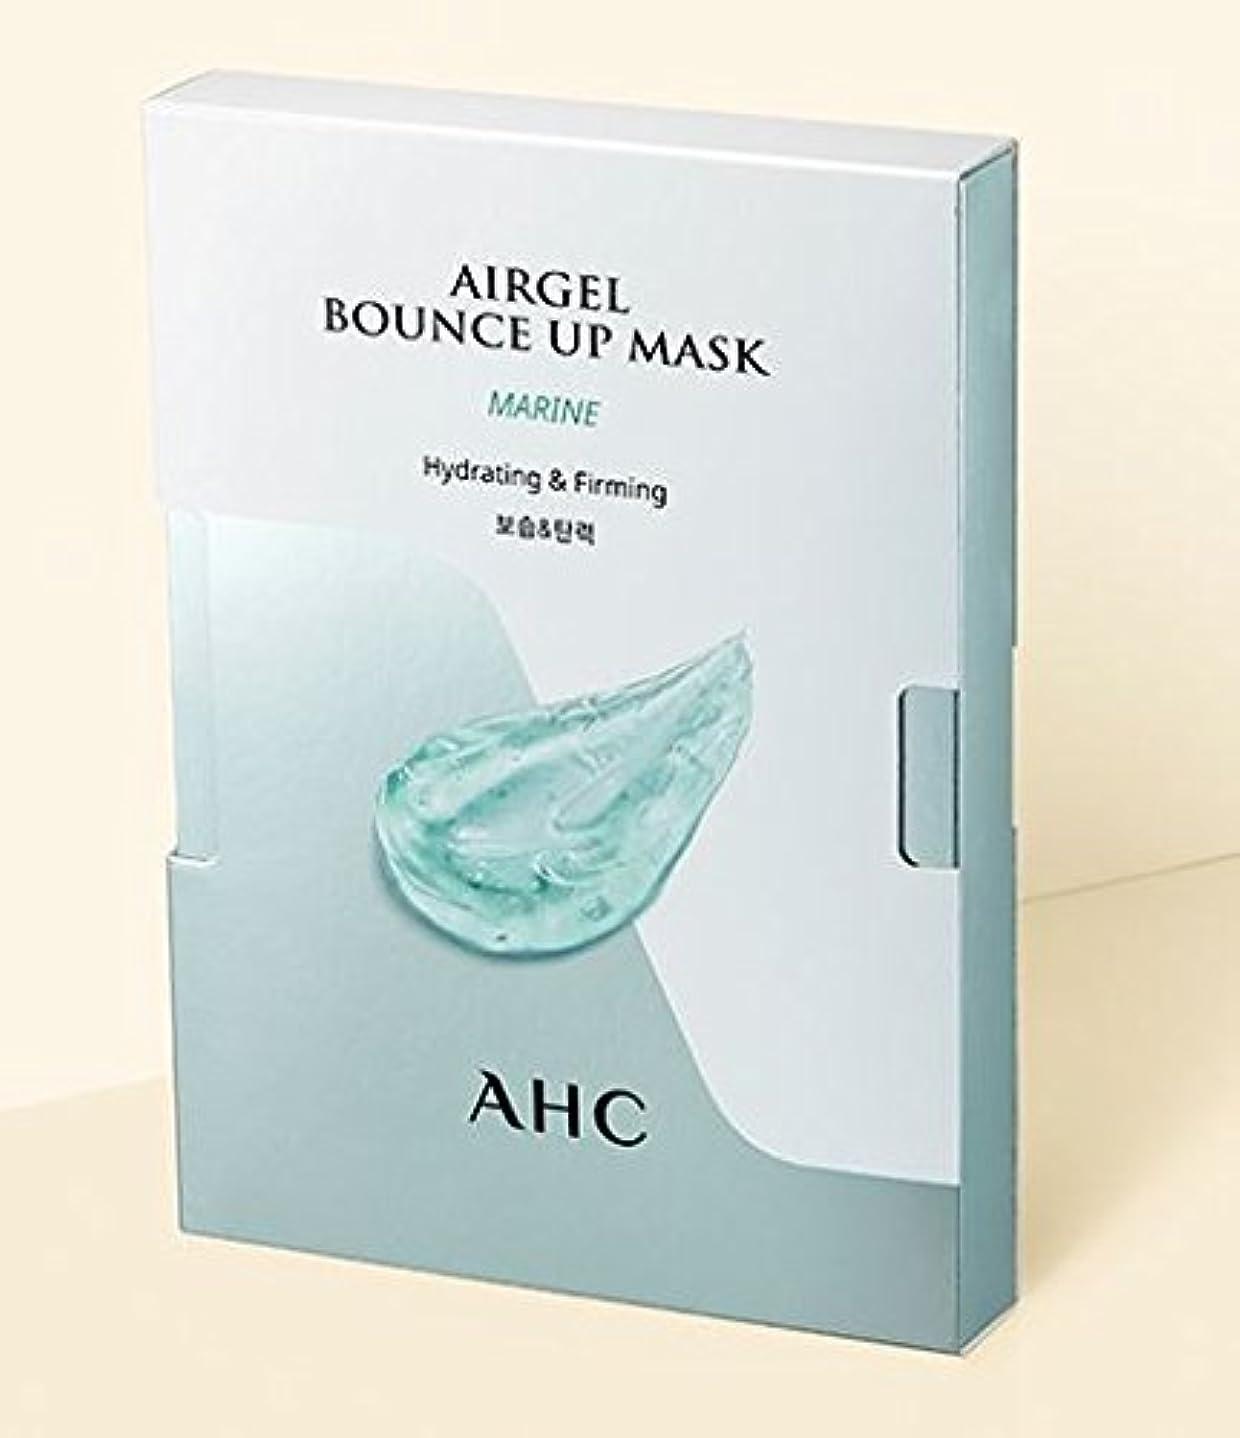 形式協力する待つ[A.H.C] Airgel Bounce Up Mask MARINE (Hydrating&Firming)30g*5sheet/マリンエアゲルマスク30g*5枚 [並行輸入品]